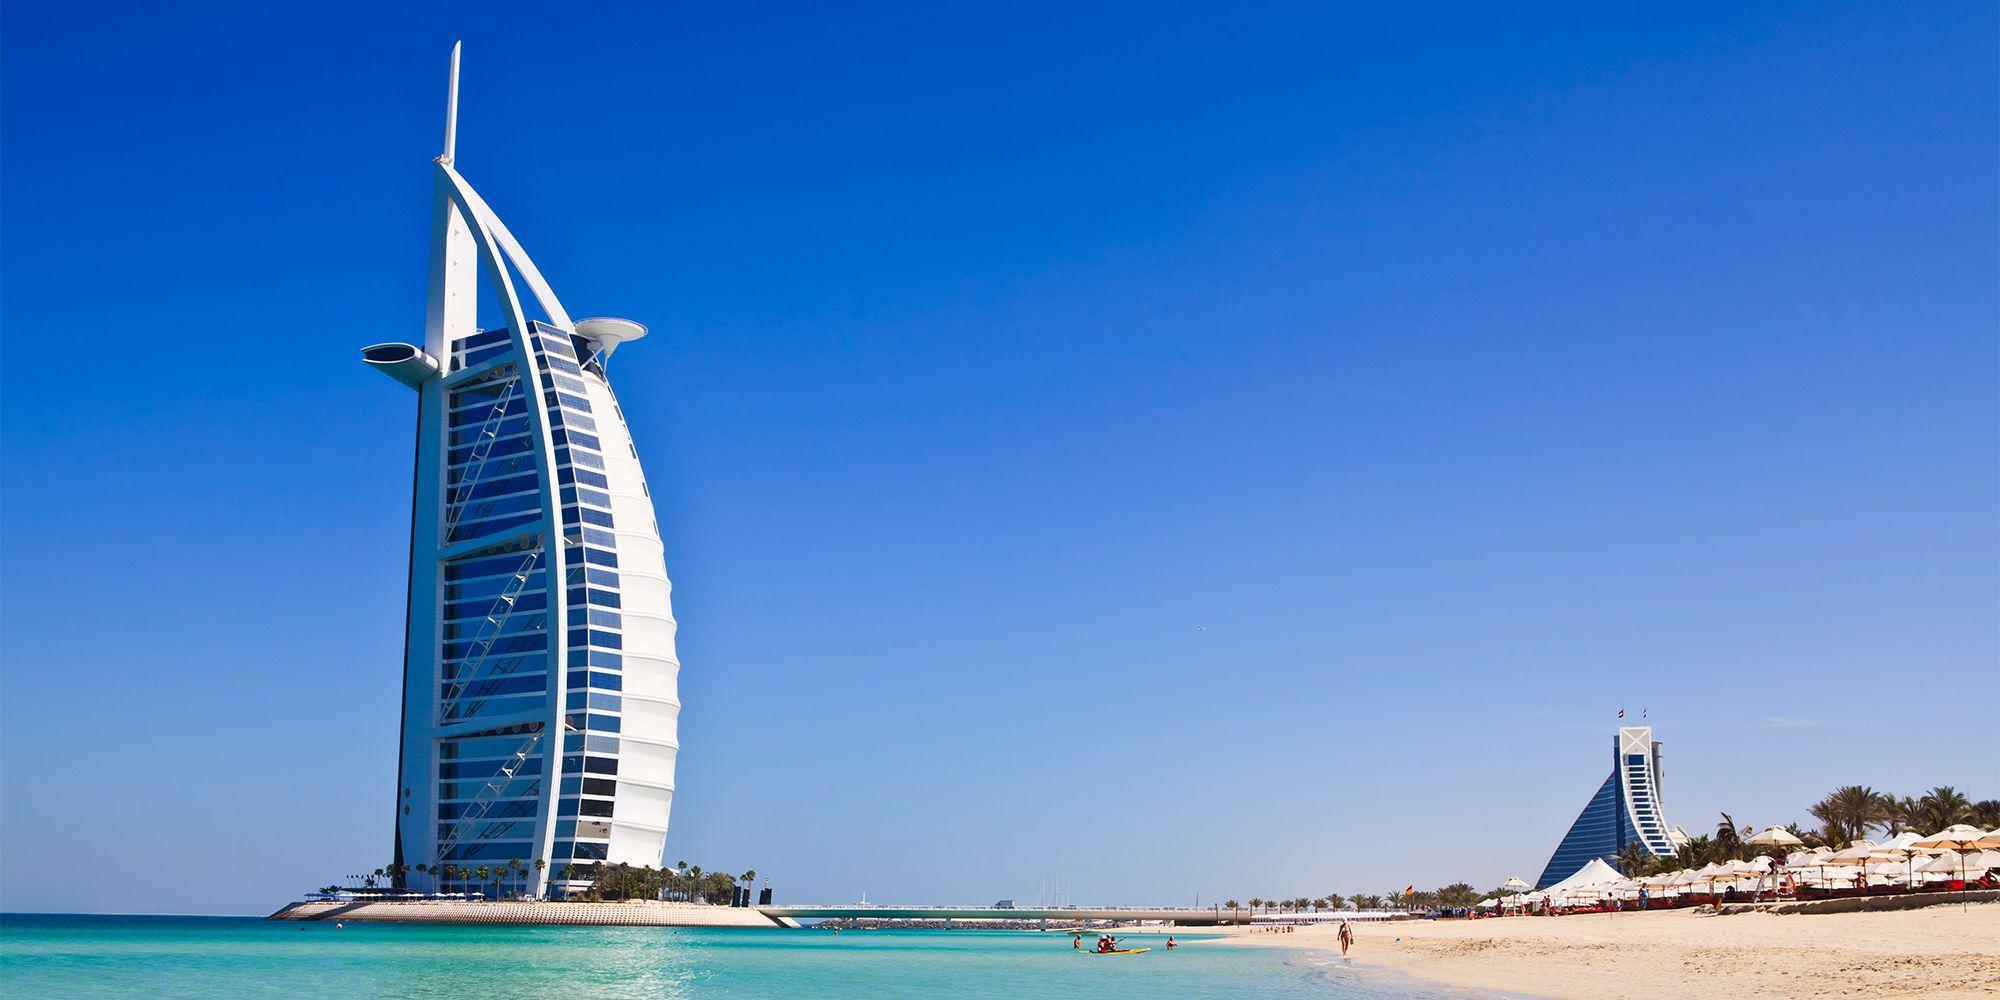 Dubai — United Arab Emirates